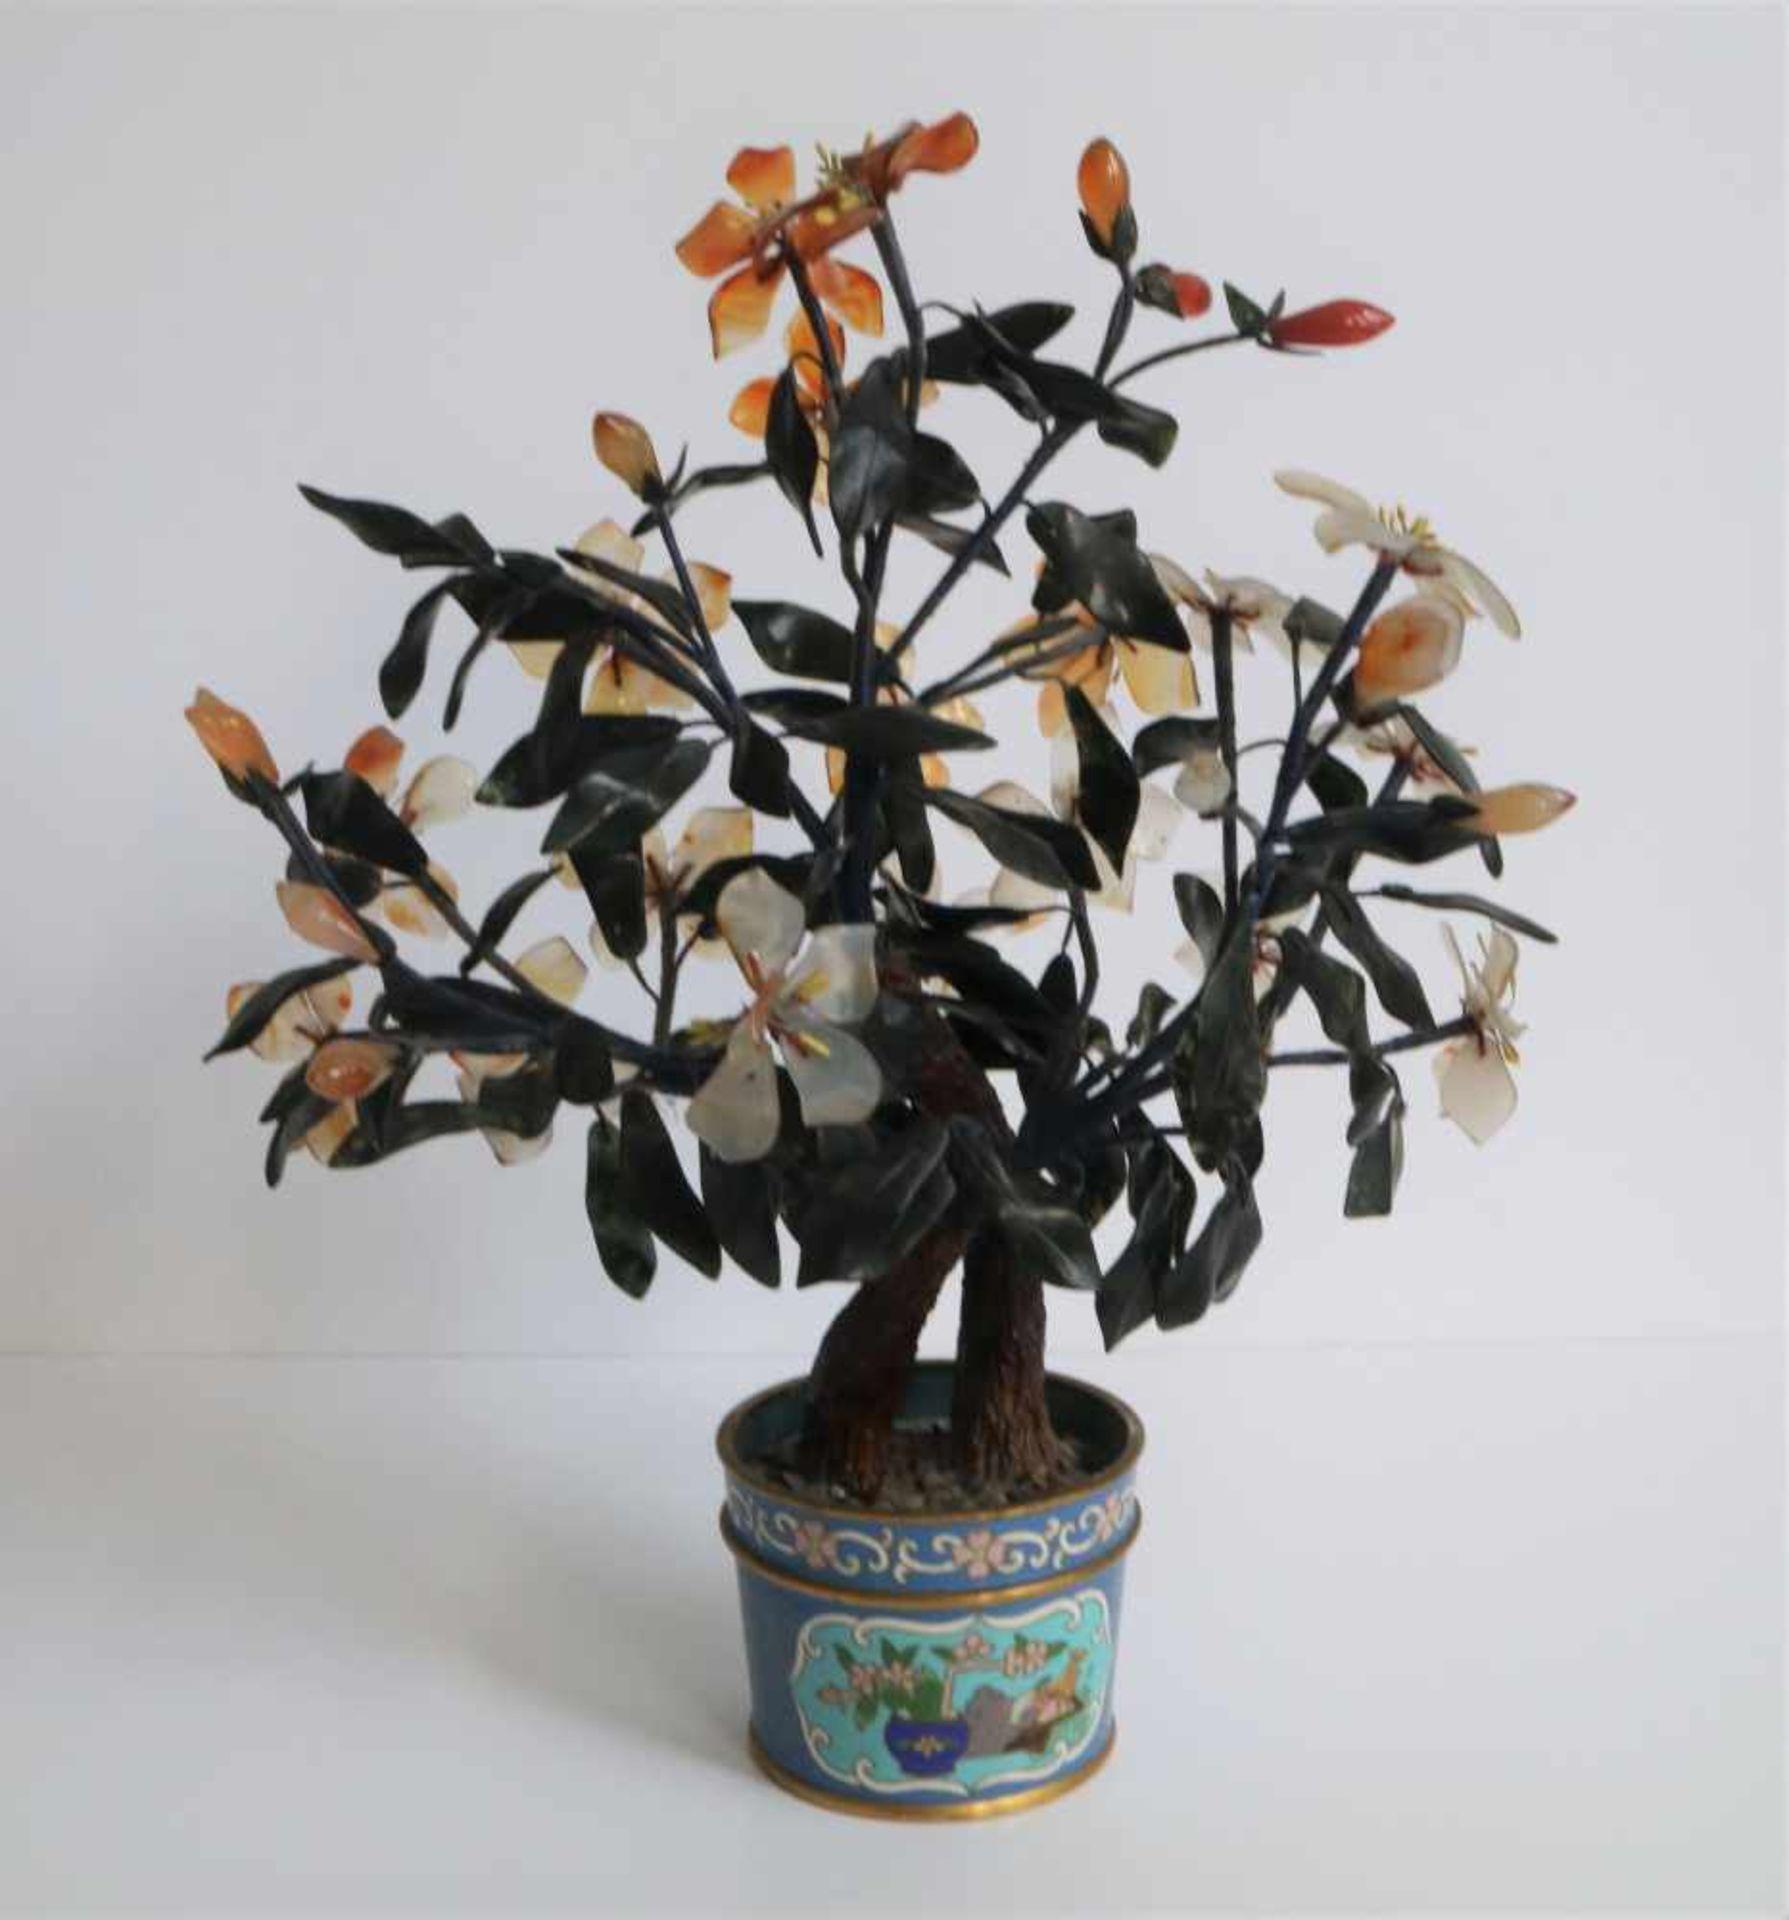 Los 413 - Chinese cloisonné cloisonné pot with flowers (glass) H 37 cm